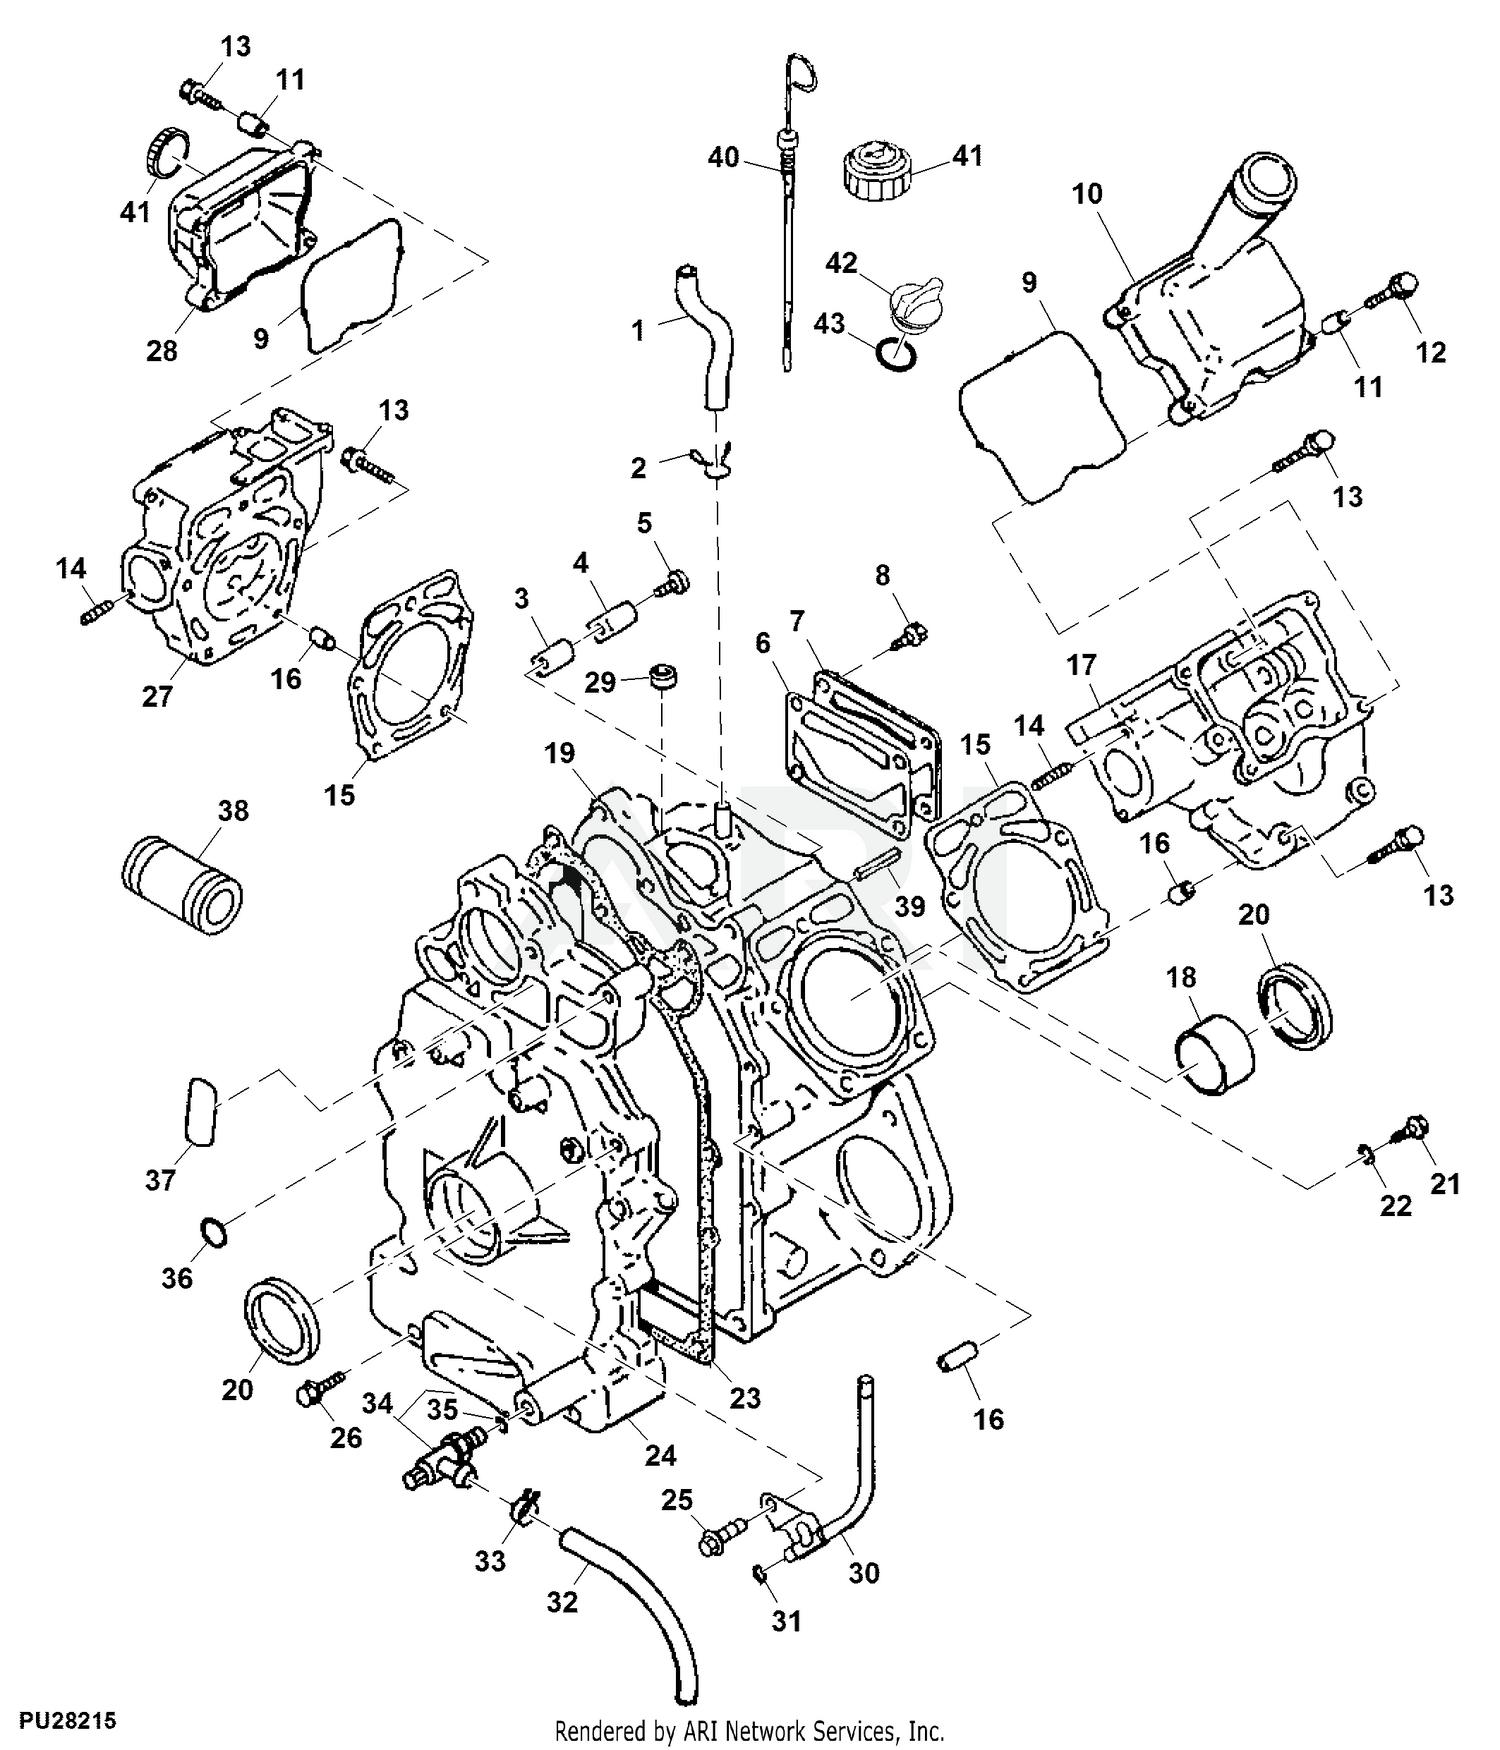 John Deere 445 Lawn & Garden Tractor -PC2351 1993 Model  M00445A010001-020000 (Two Wheel Steer) 445 Lawn & Garden Tractor -PC2351  1994 Model M00445C020001-030000 (Two Wheel Steer) 445 Lawn & Garden Tractor  -PC2351Weingartz